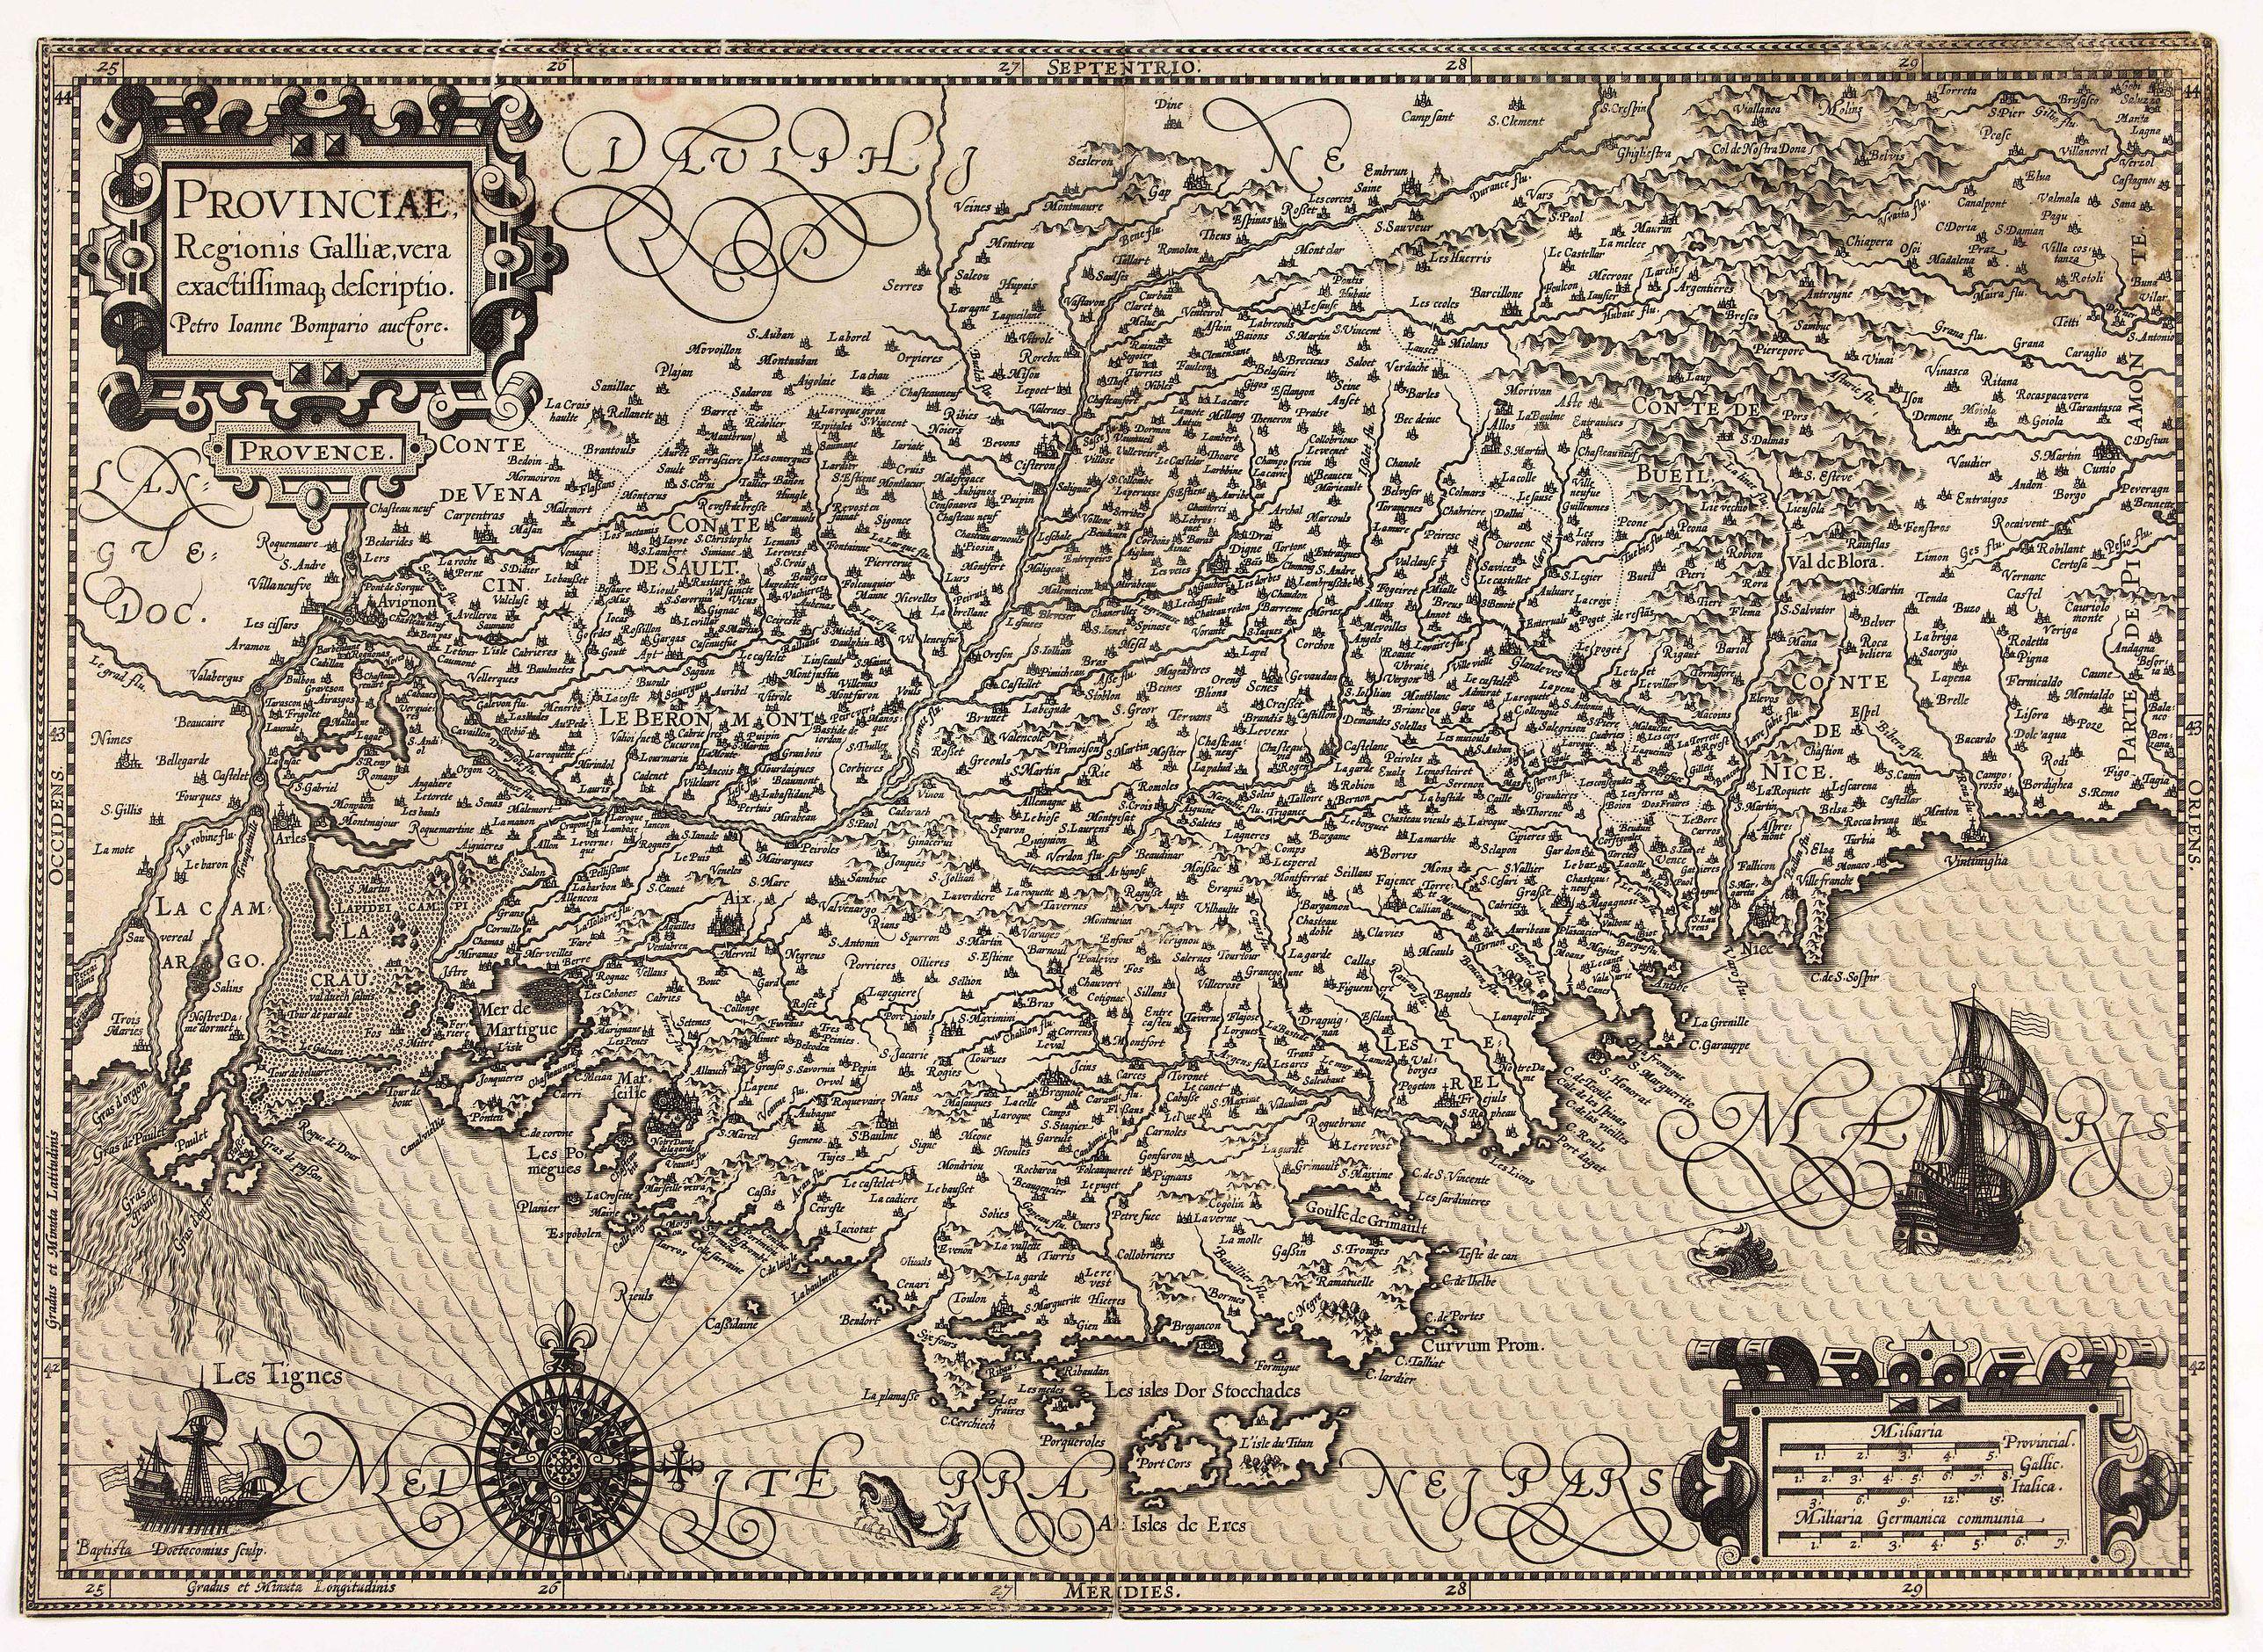 HONDIUS, J. / DOETECOM, B. -  Provinciae, Regionis Galliae, vera exactissimaq. descriptio. Provence Petro Ioanne Bomparioo auctore.